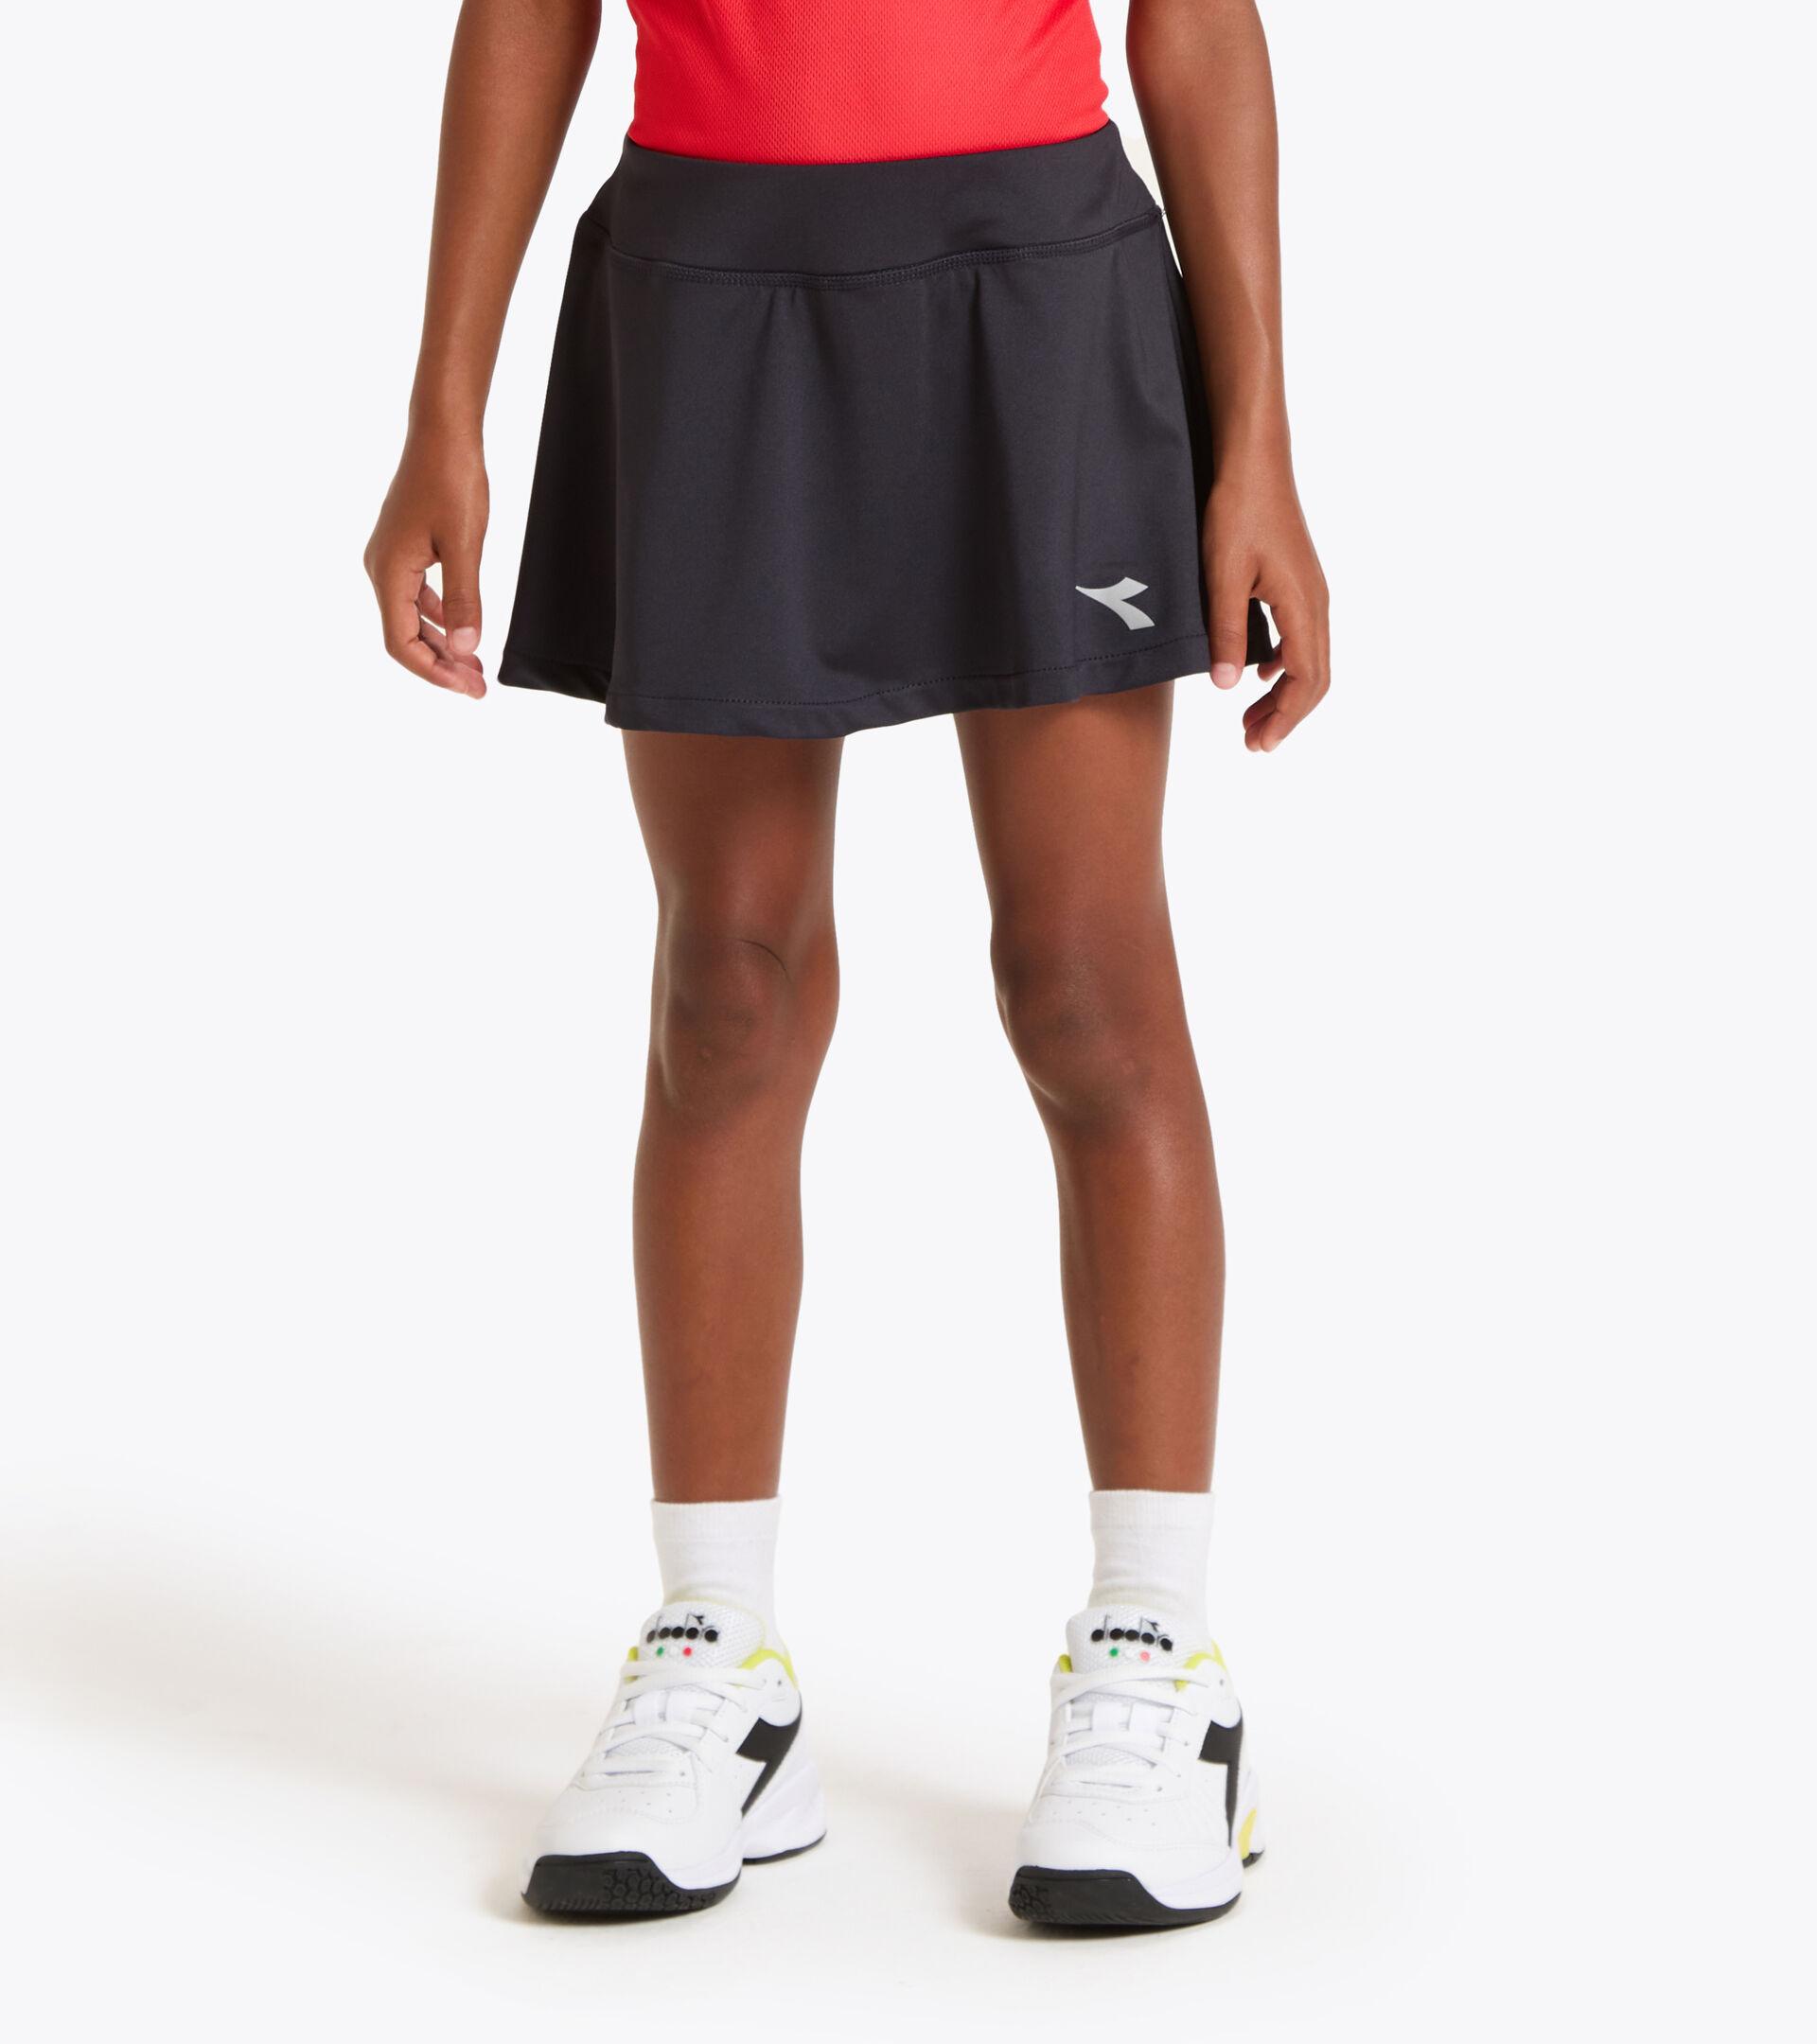 Tennisrock - Junior G. SKIRT COURT NEUN EISEN - Diadora